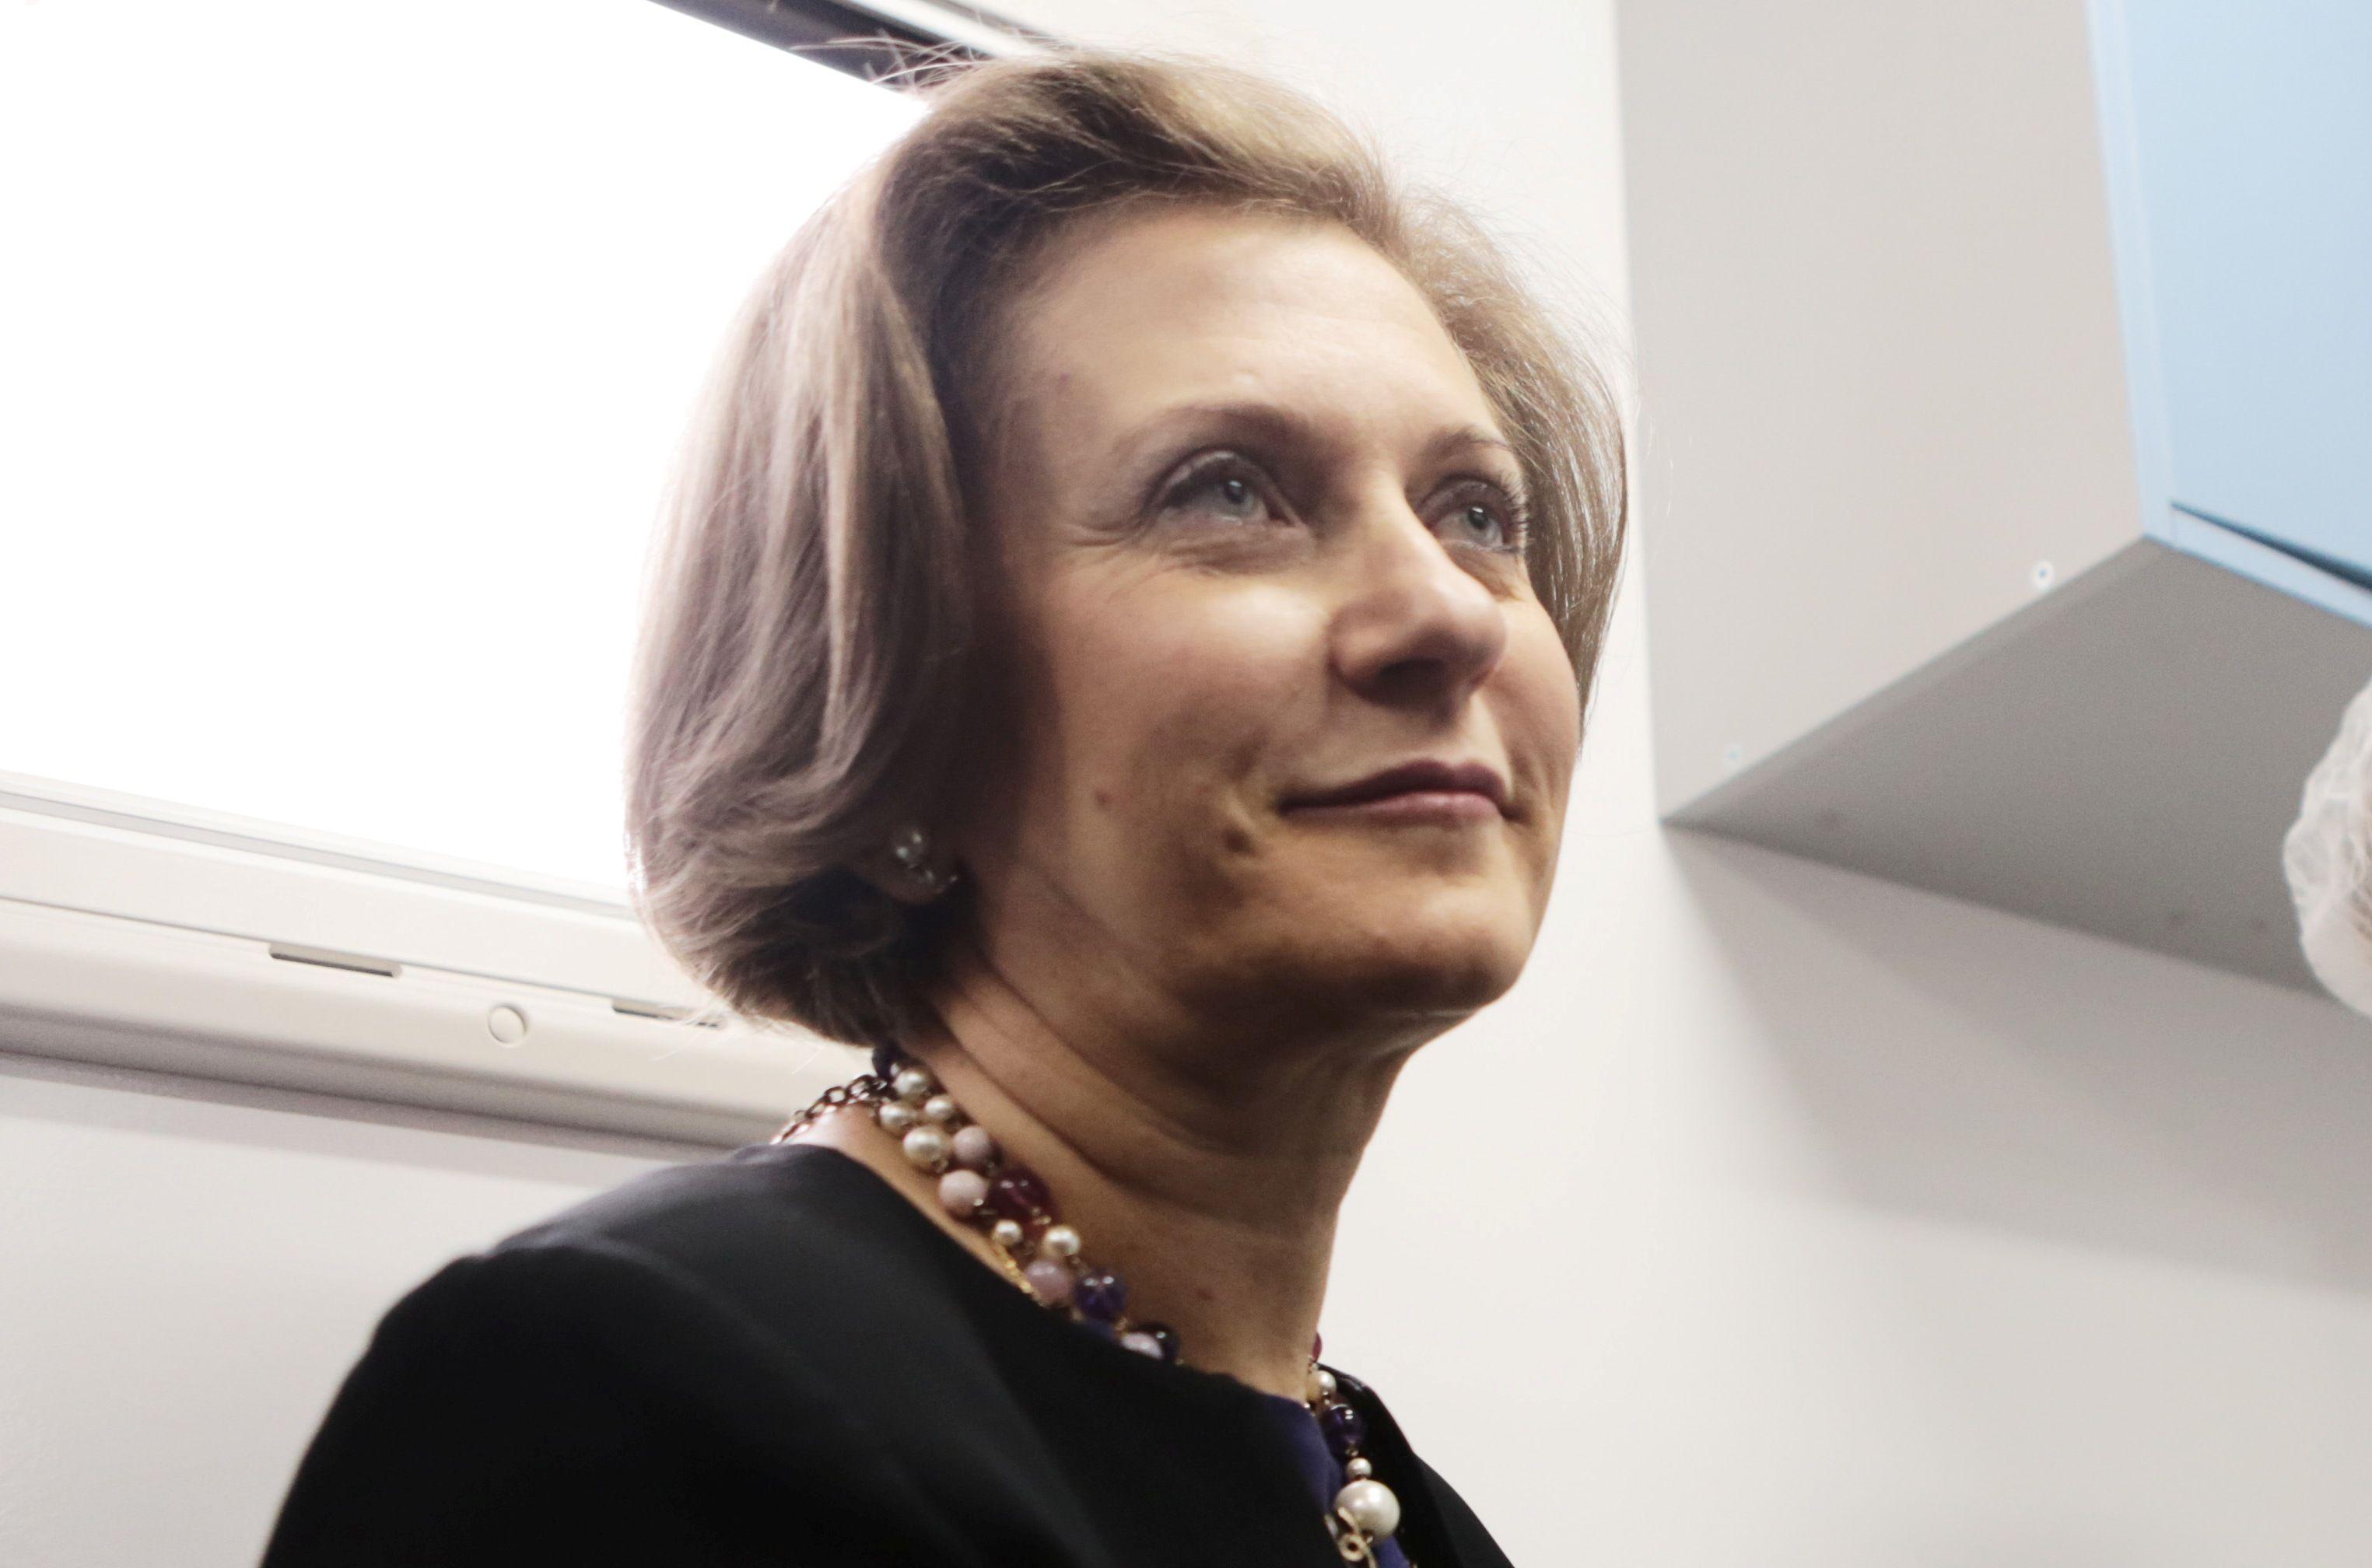 Deuandra T. Brown